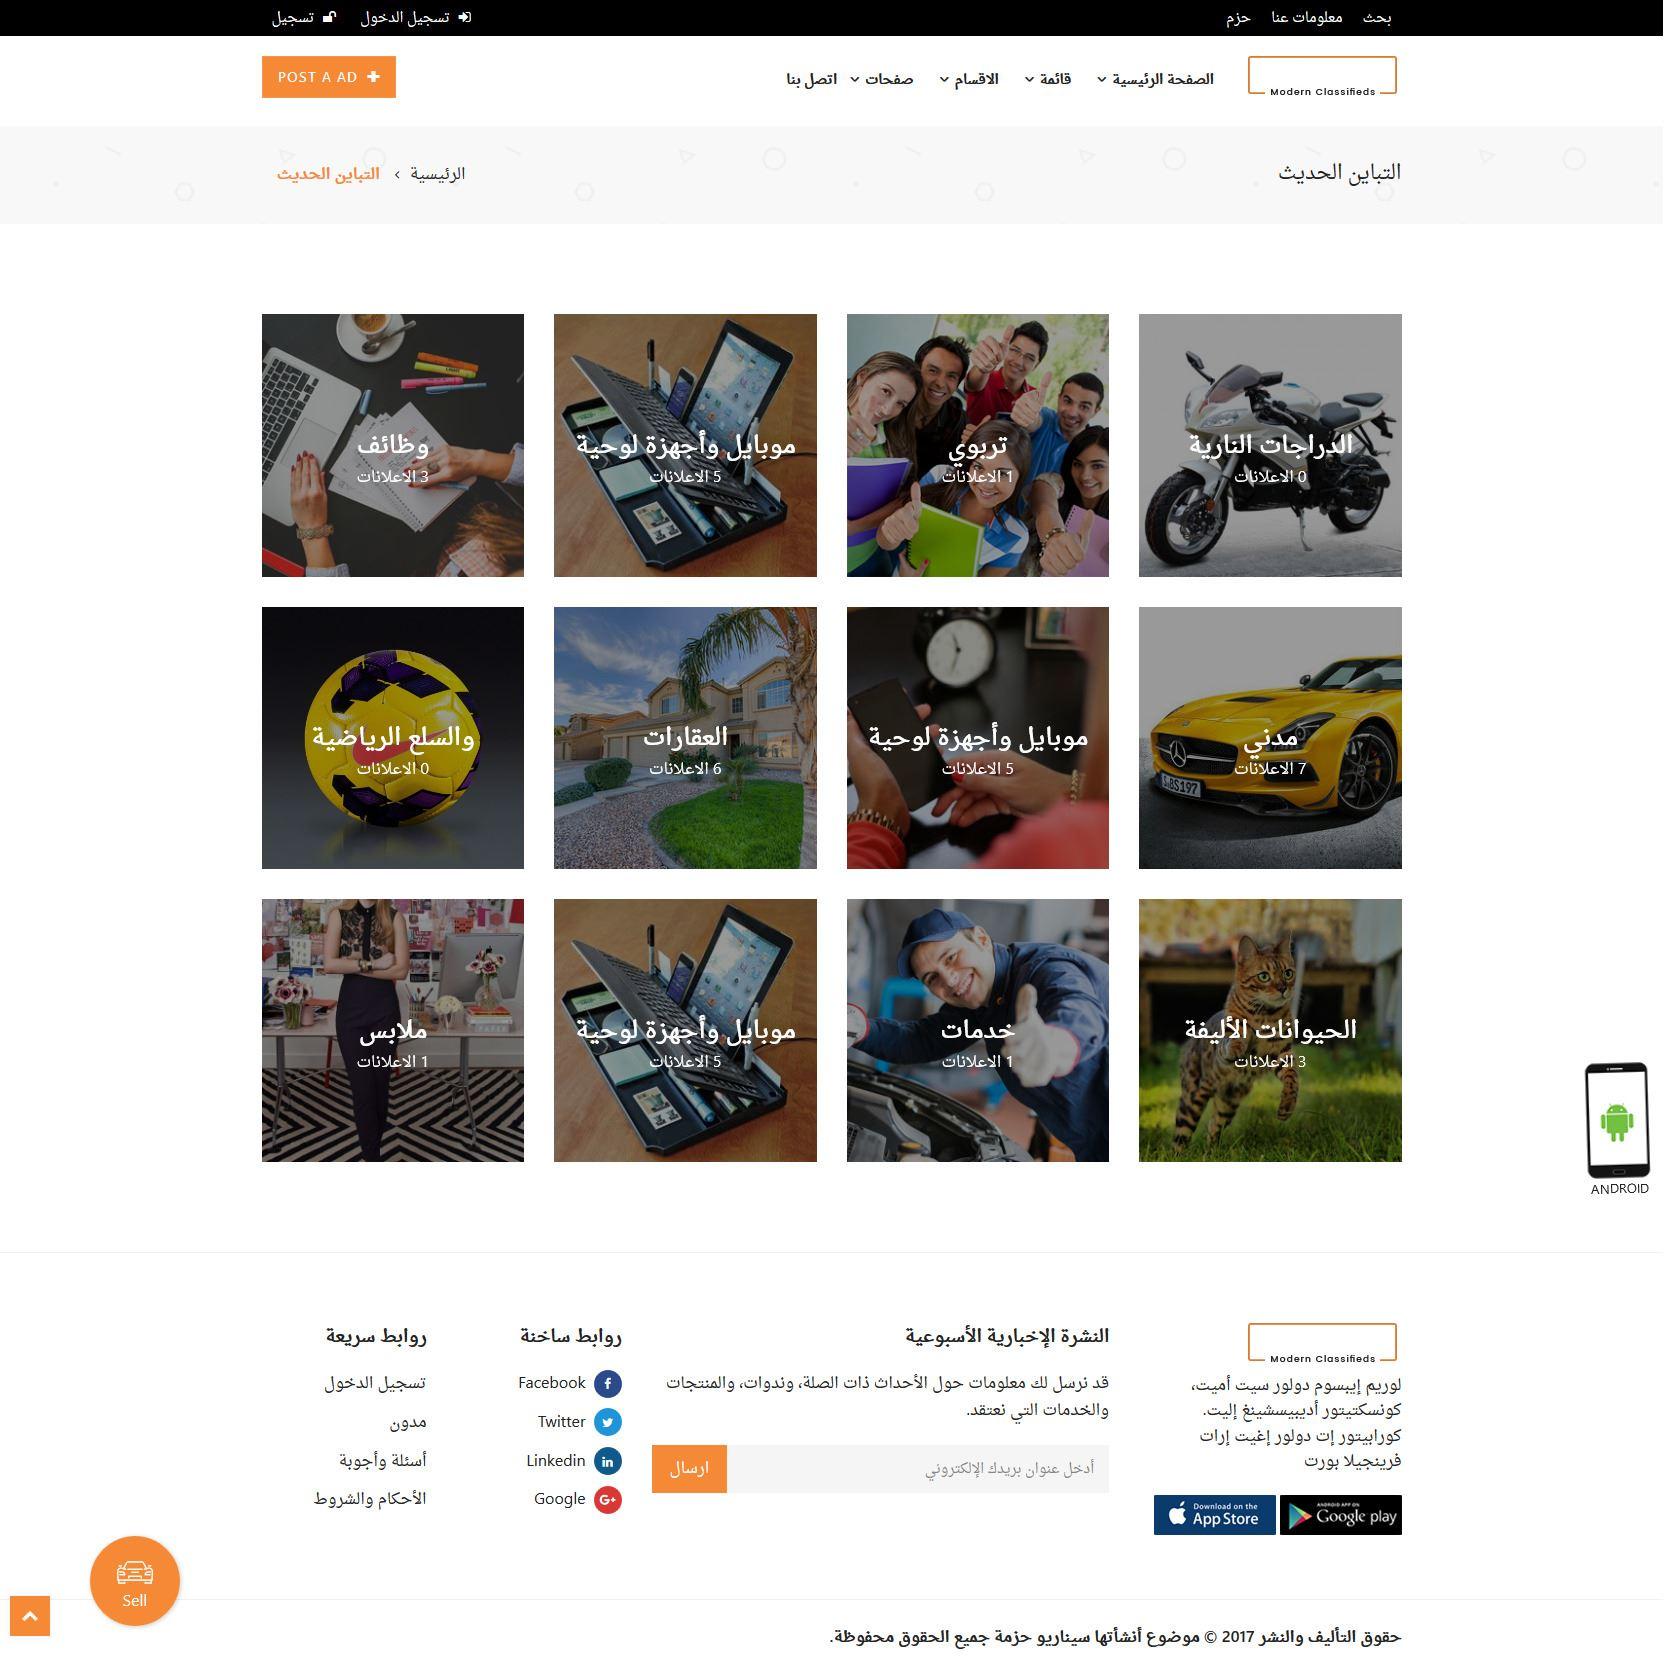 تصميم برنامج موقع سوق تسوق تسويق اعلانات مبوبة - صفحة تصنيفات أقسام الموقع فئة صور التباين الحديث